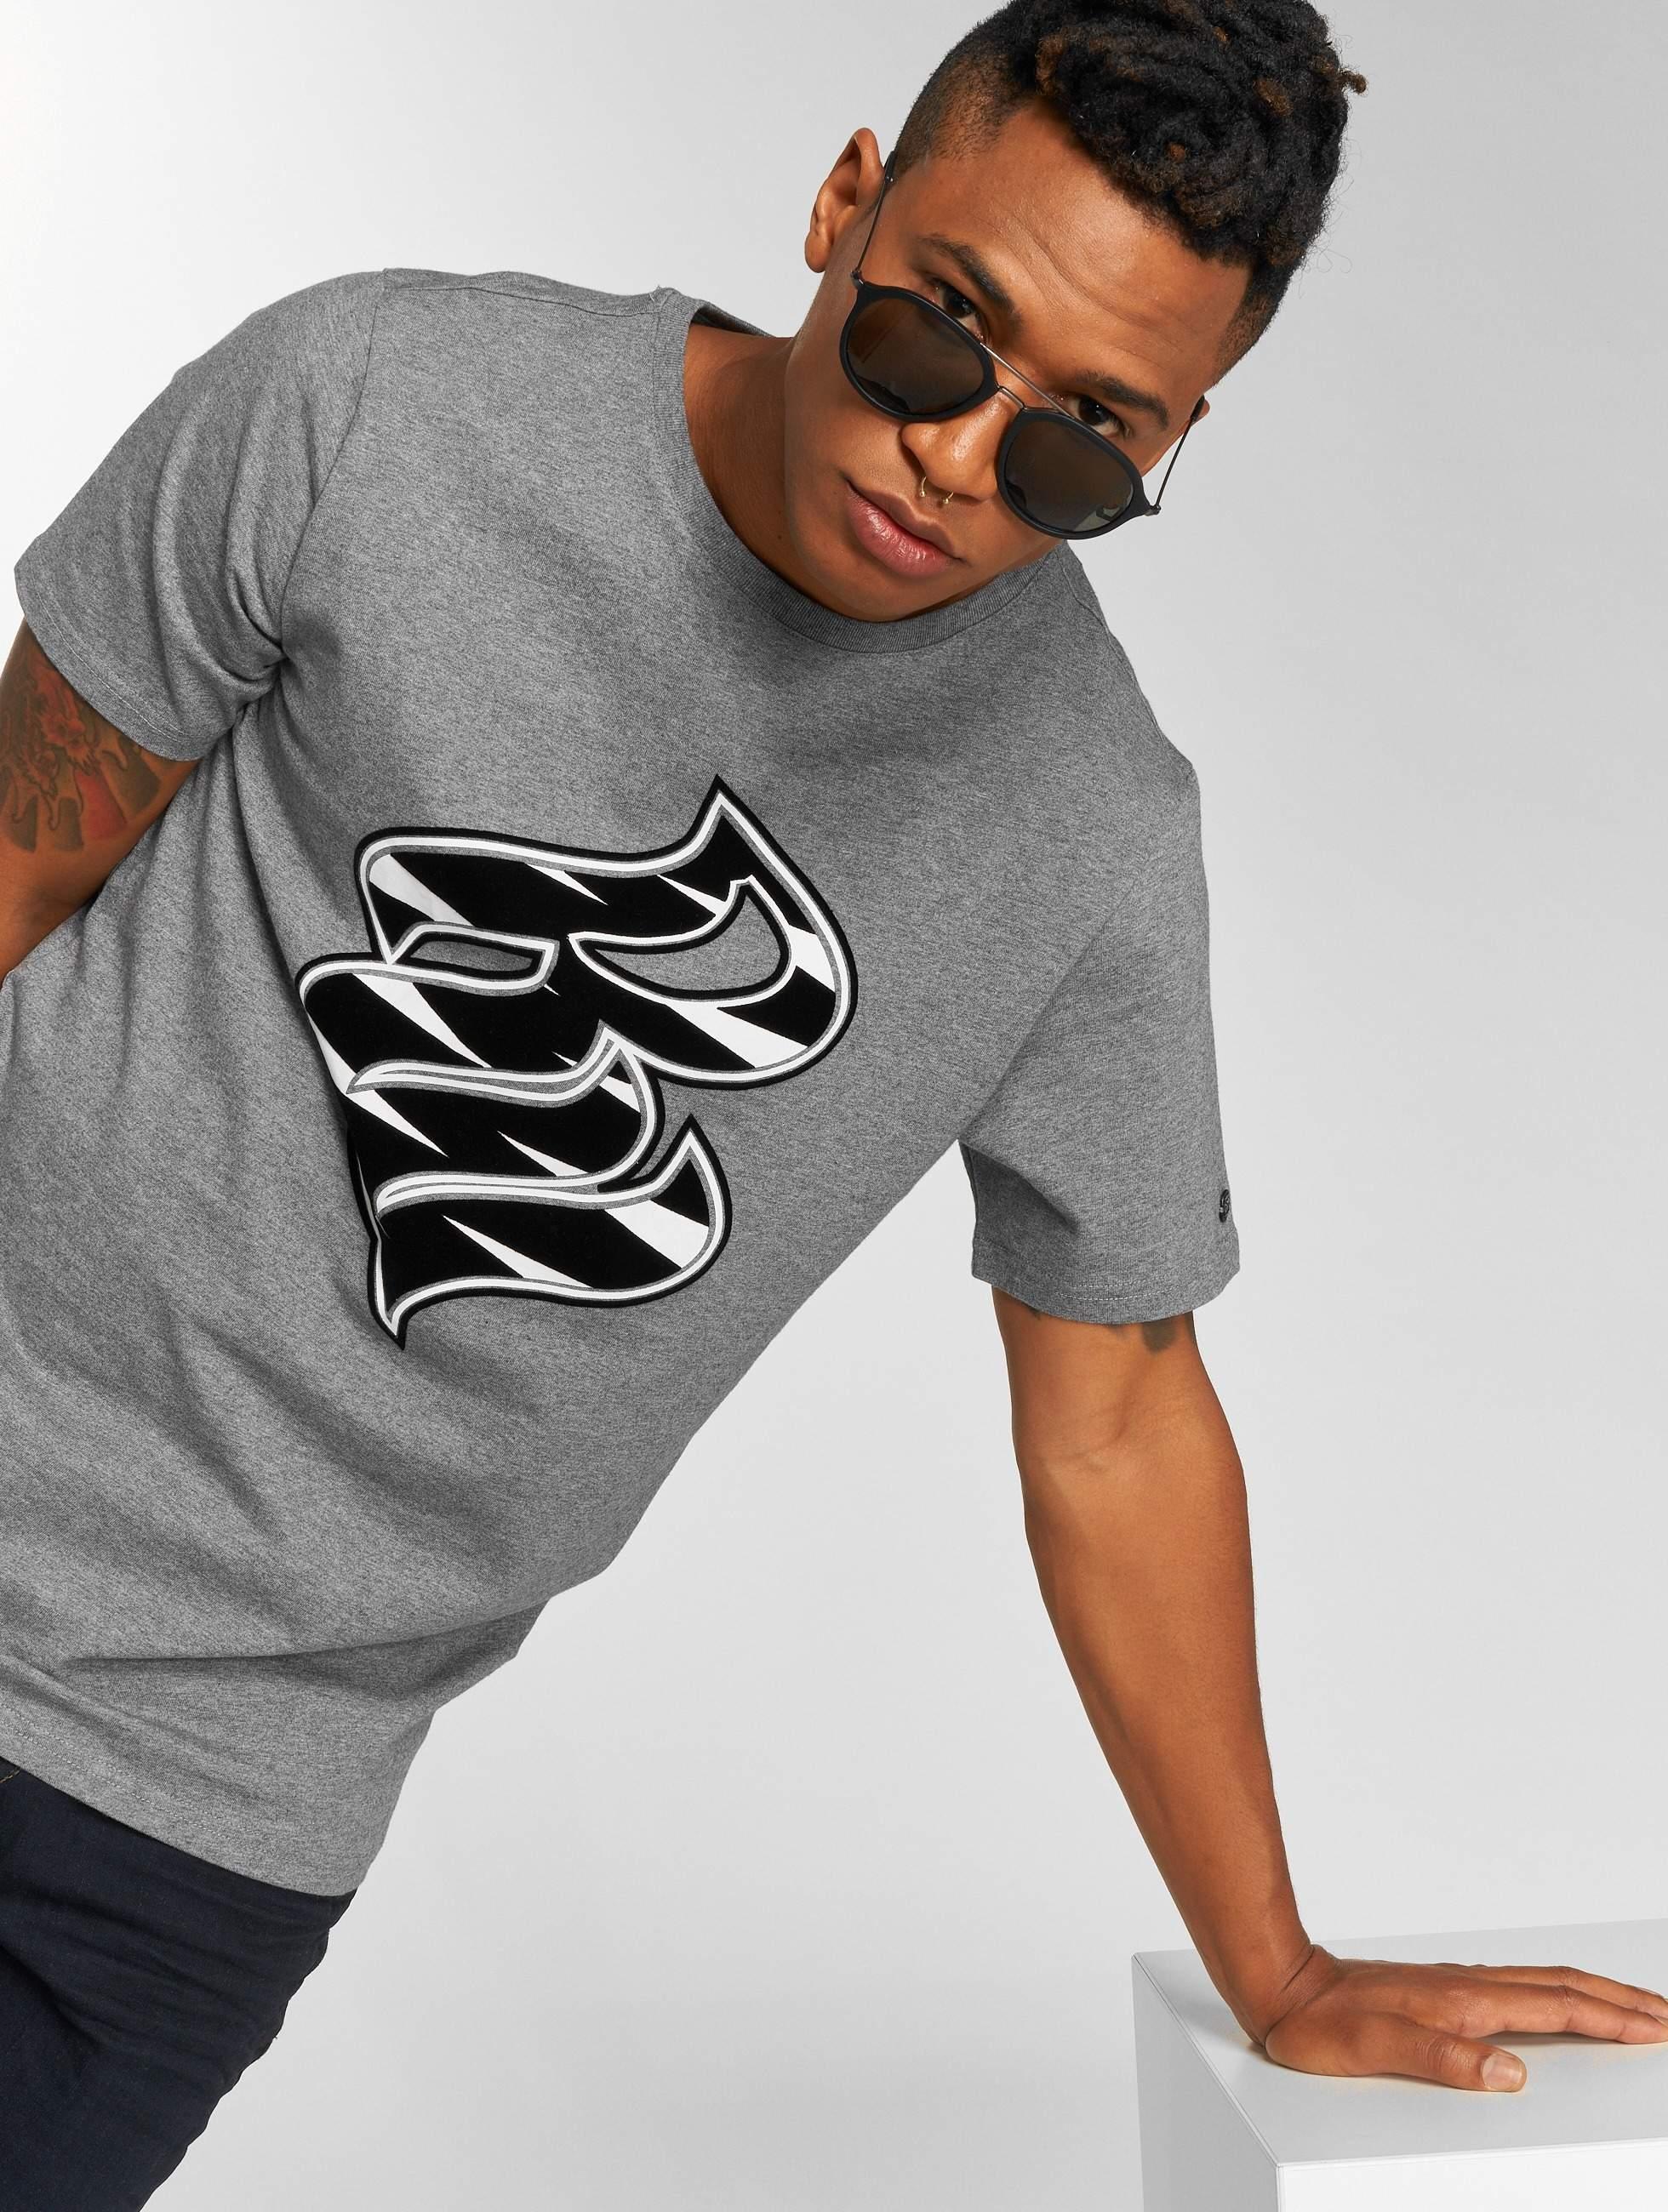 Rocawear / T-Shirt RW Zebra S in grey 3XL